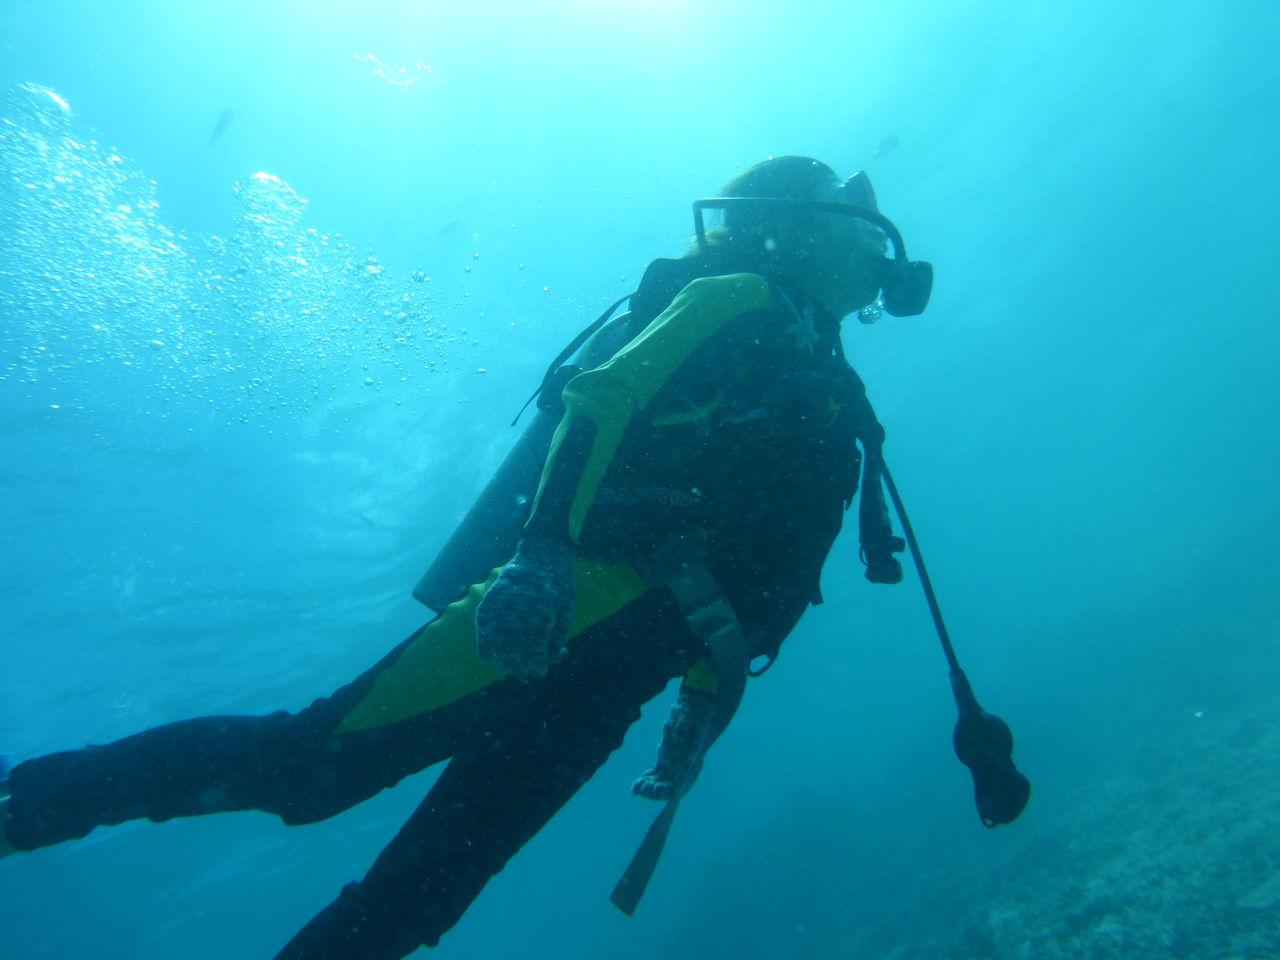 沖繩信息037 潛水執照是?沖繩潛水執照是